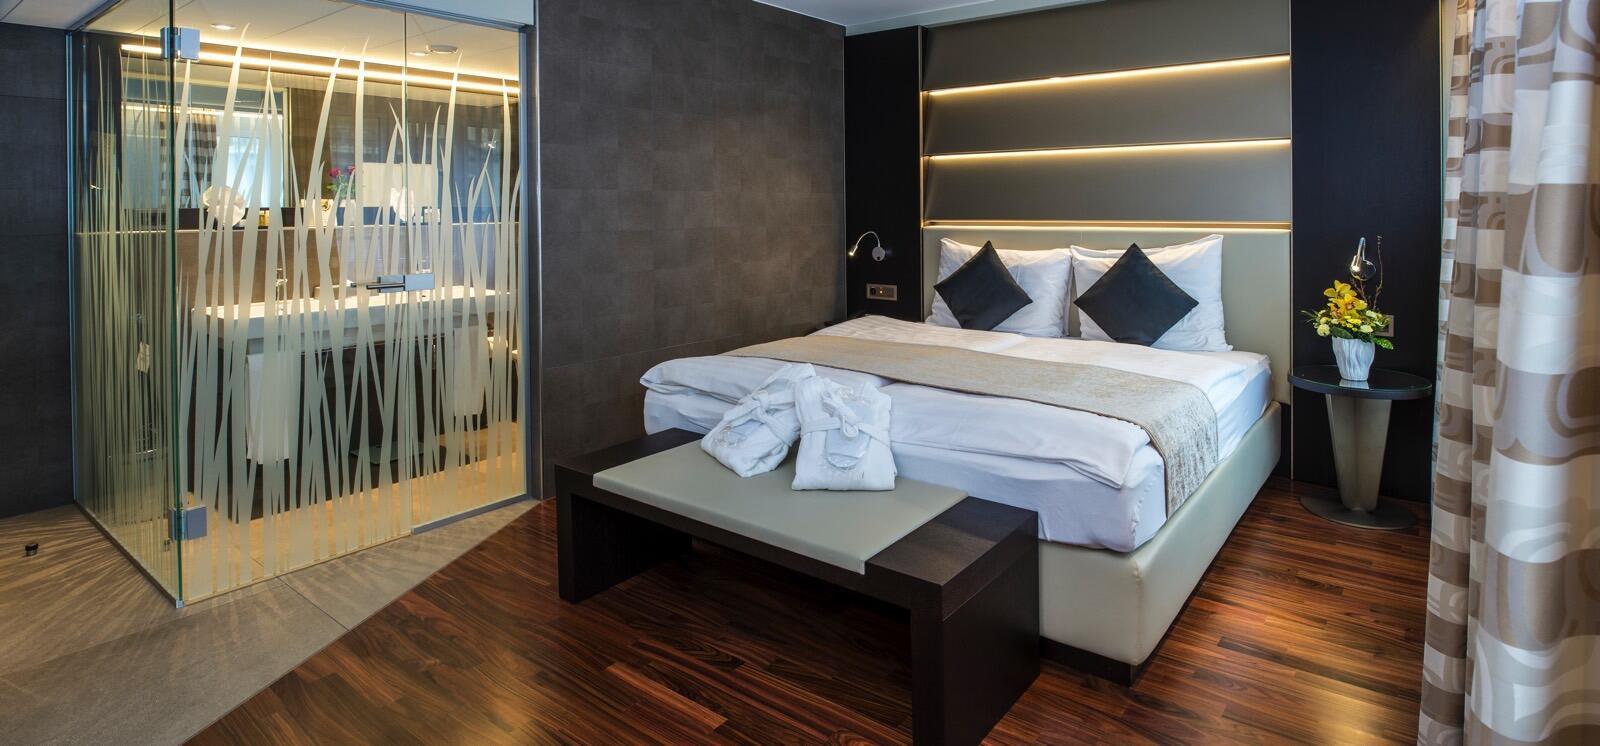 Room at Hotel Krone Unterstrass in Zurich